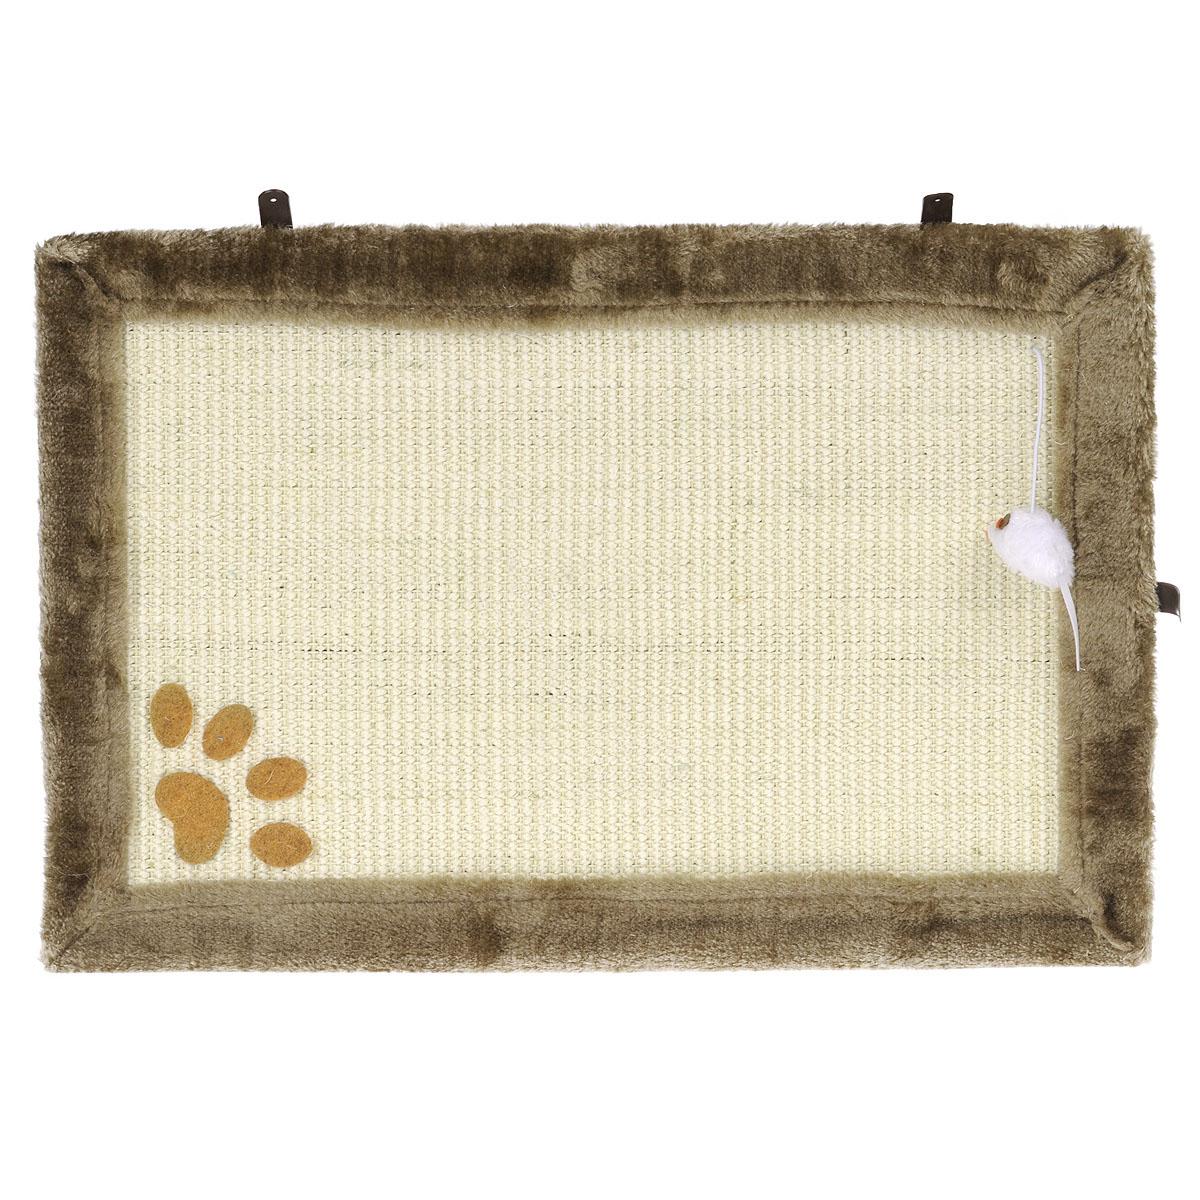 Когтеточка-коврик I.P.T.S., цвет: бежевый, 55 см х 35 см0120710Когтеточка в виде коврика I.P.T.S. изготовлена из сизаля - устойчивого натурального материала.По краям коврик обит плюшем, который так нравится кошкам. В уголке прикреплена игрушечная мышка на веревочке, которая поможет привлечь внимание вашего питомца к когтеточке и приучить его точить когти в нужном месте. Коврик можно разместить в любом месте вашего дома или даже повесить на стену. Перед тем, как определиться с местом, понаблюдайте за привычками своего любимца - где ему больше по душе точить когти.В комплект входят 3 шурупа.